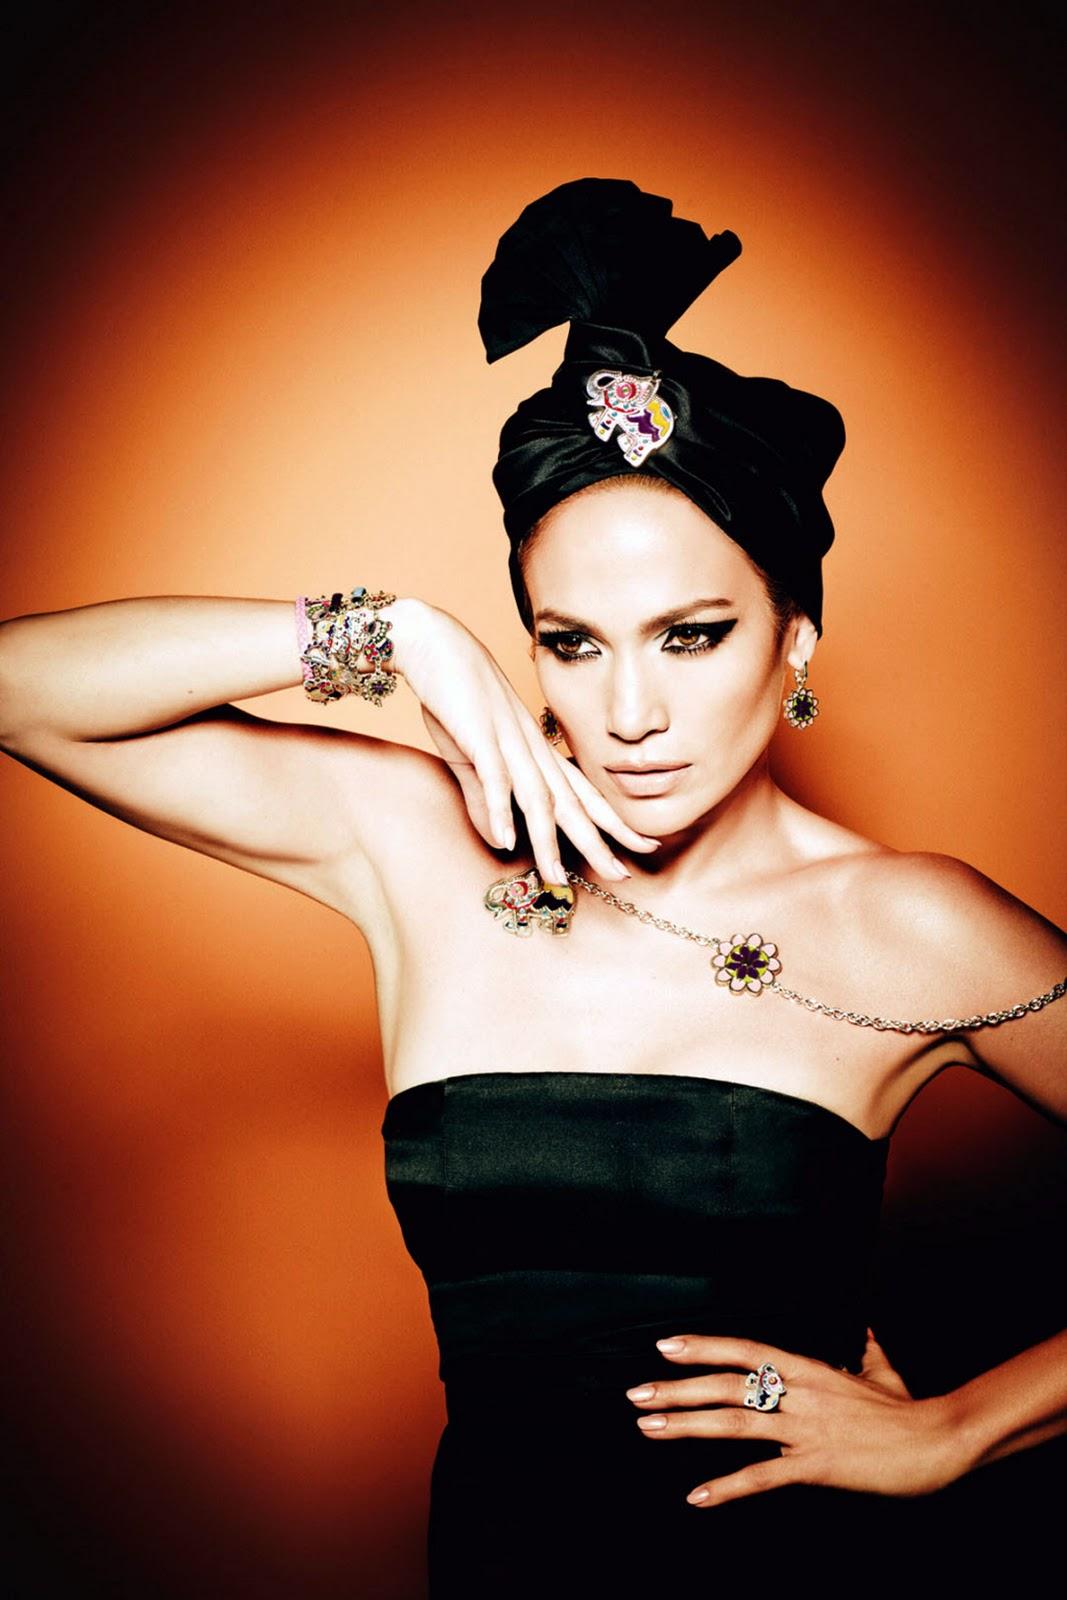 http://1.bp.blogspot.com/-A_GQWyRx29c/TZyazoEfJCI/AAAAAAAABLU/GoJ-7uB1pQw/s1600/Jennifer+Lopez+%25282%2529.jpg